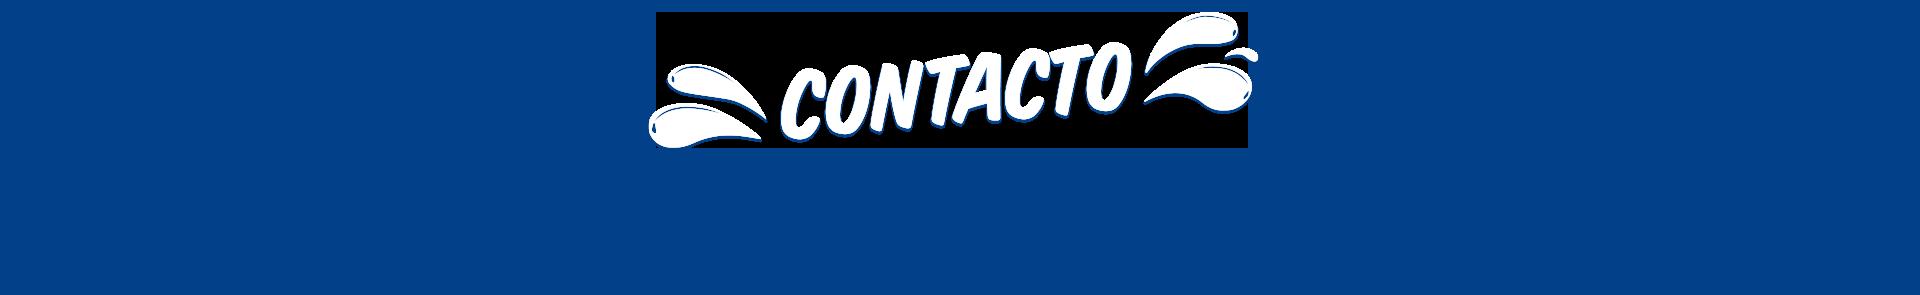 18460-CS_Contacto